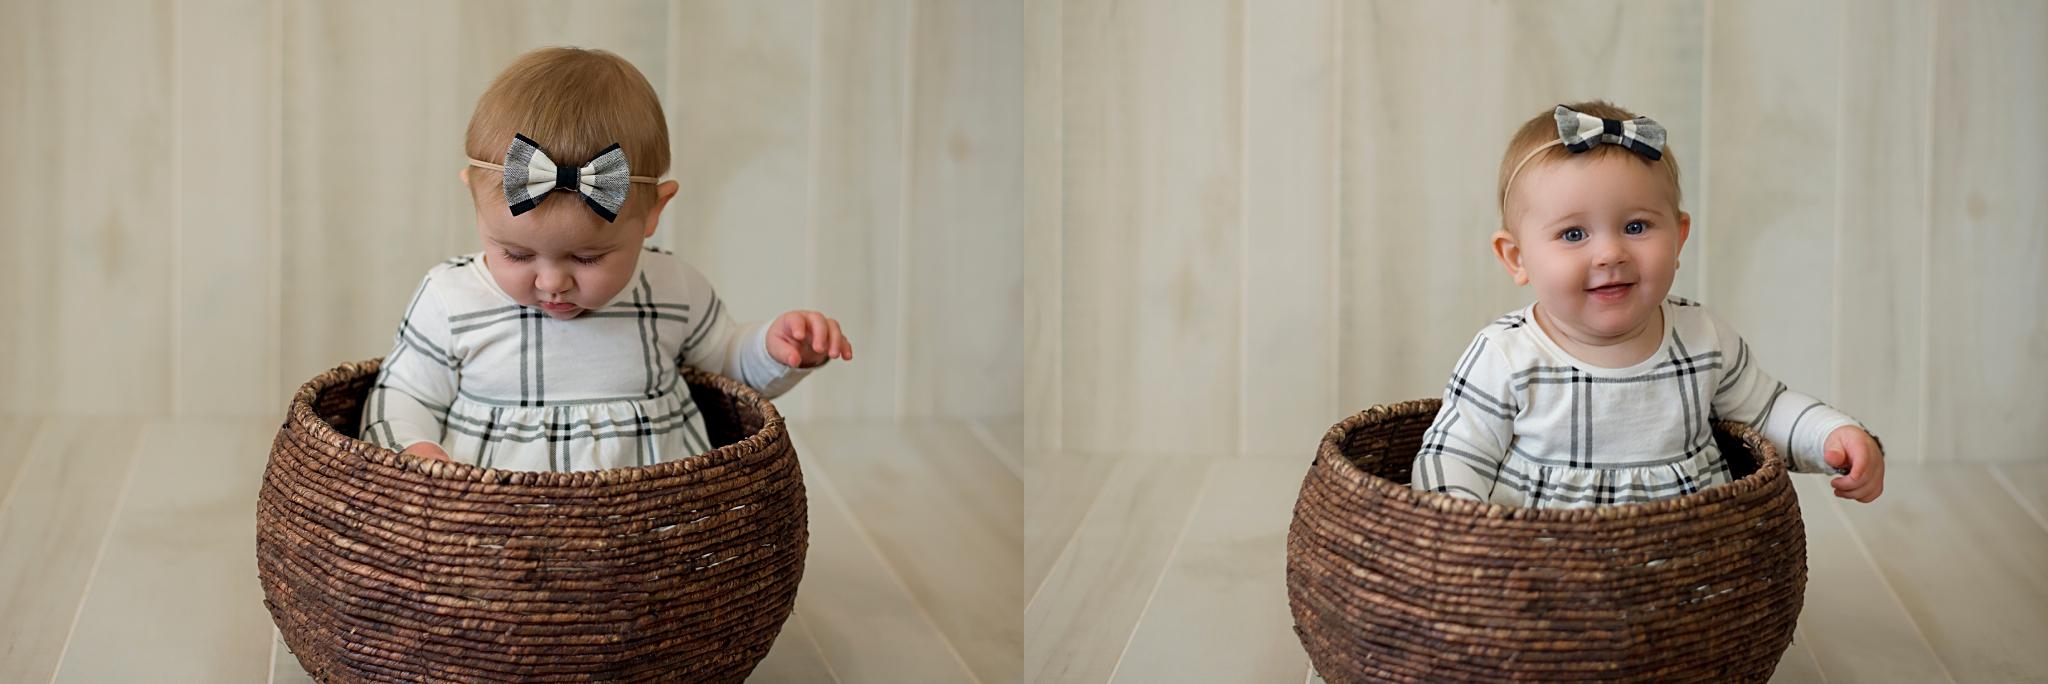 leland nc baby photographer